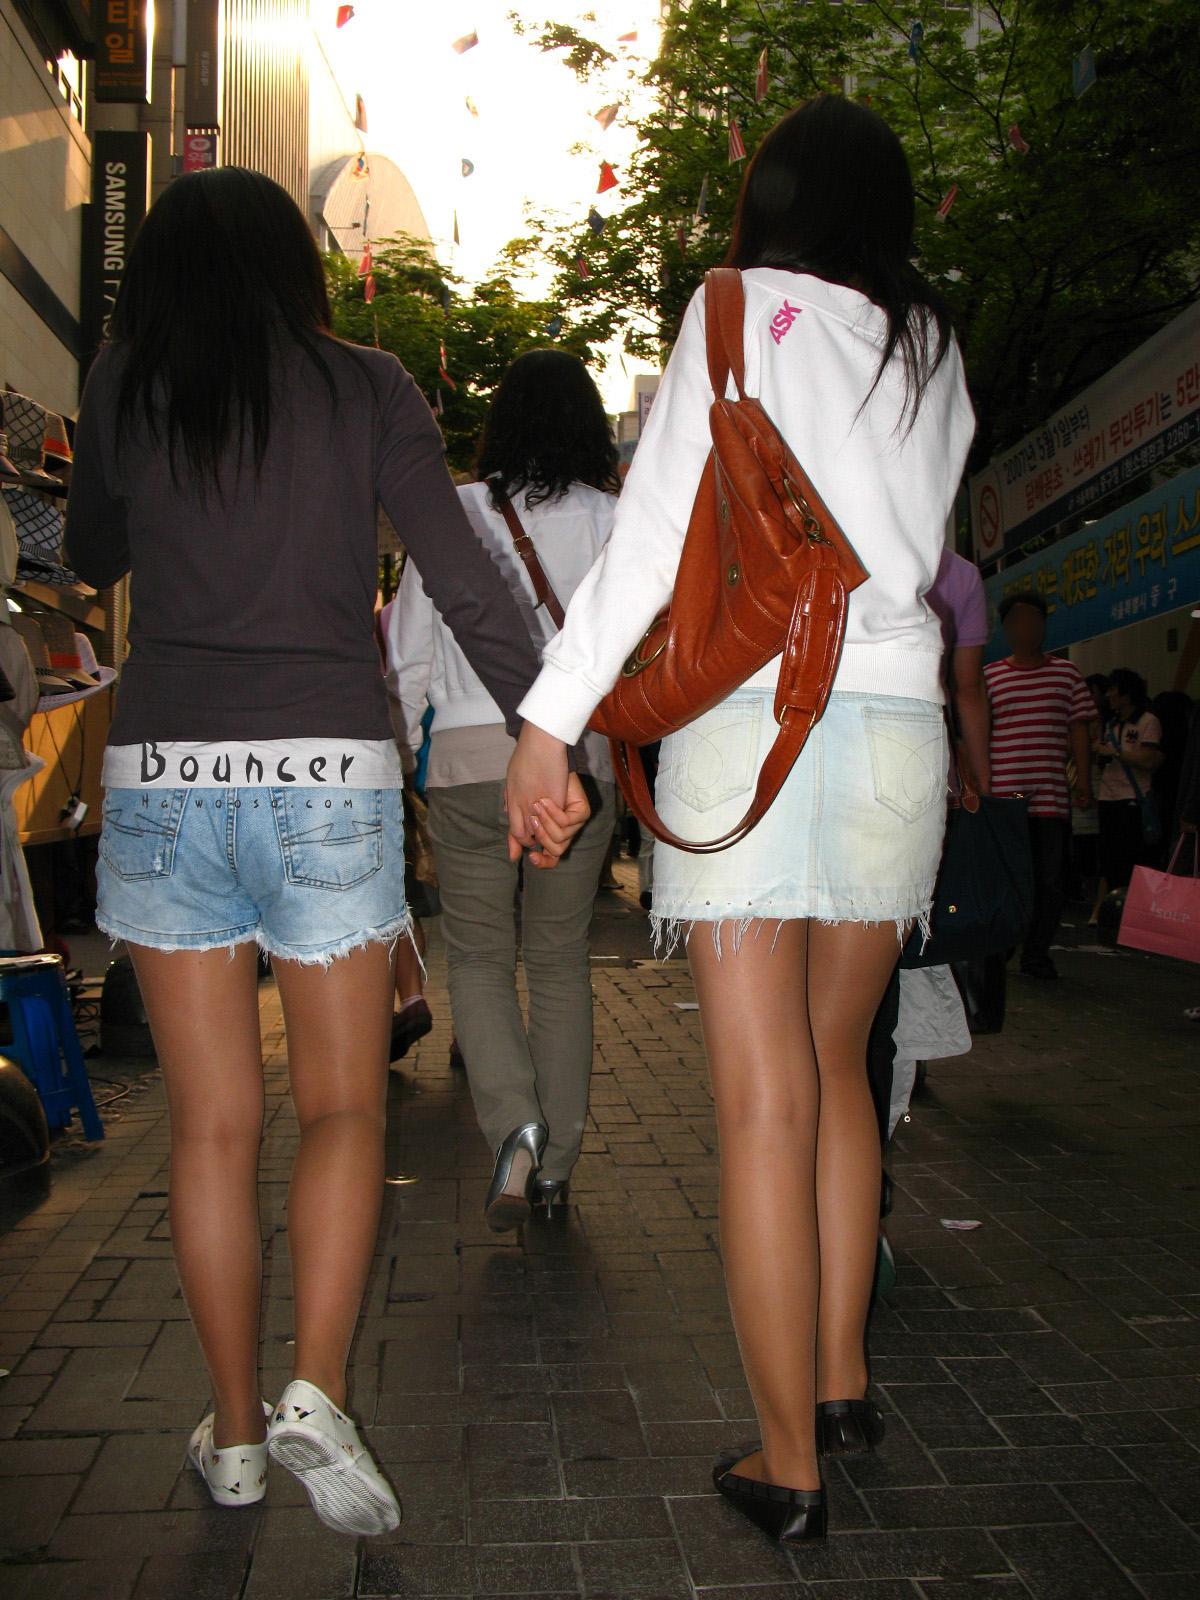 【激写】とどまることを知らない韓国の過激ファッションエロ杉・・・絶句した。(画像35枚)・31枚目